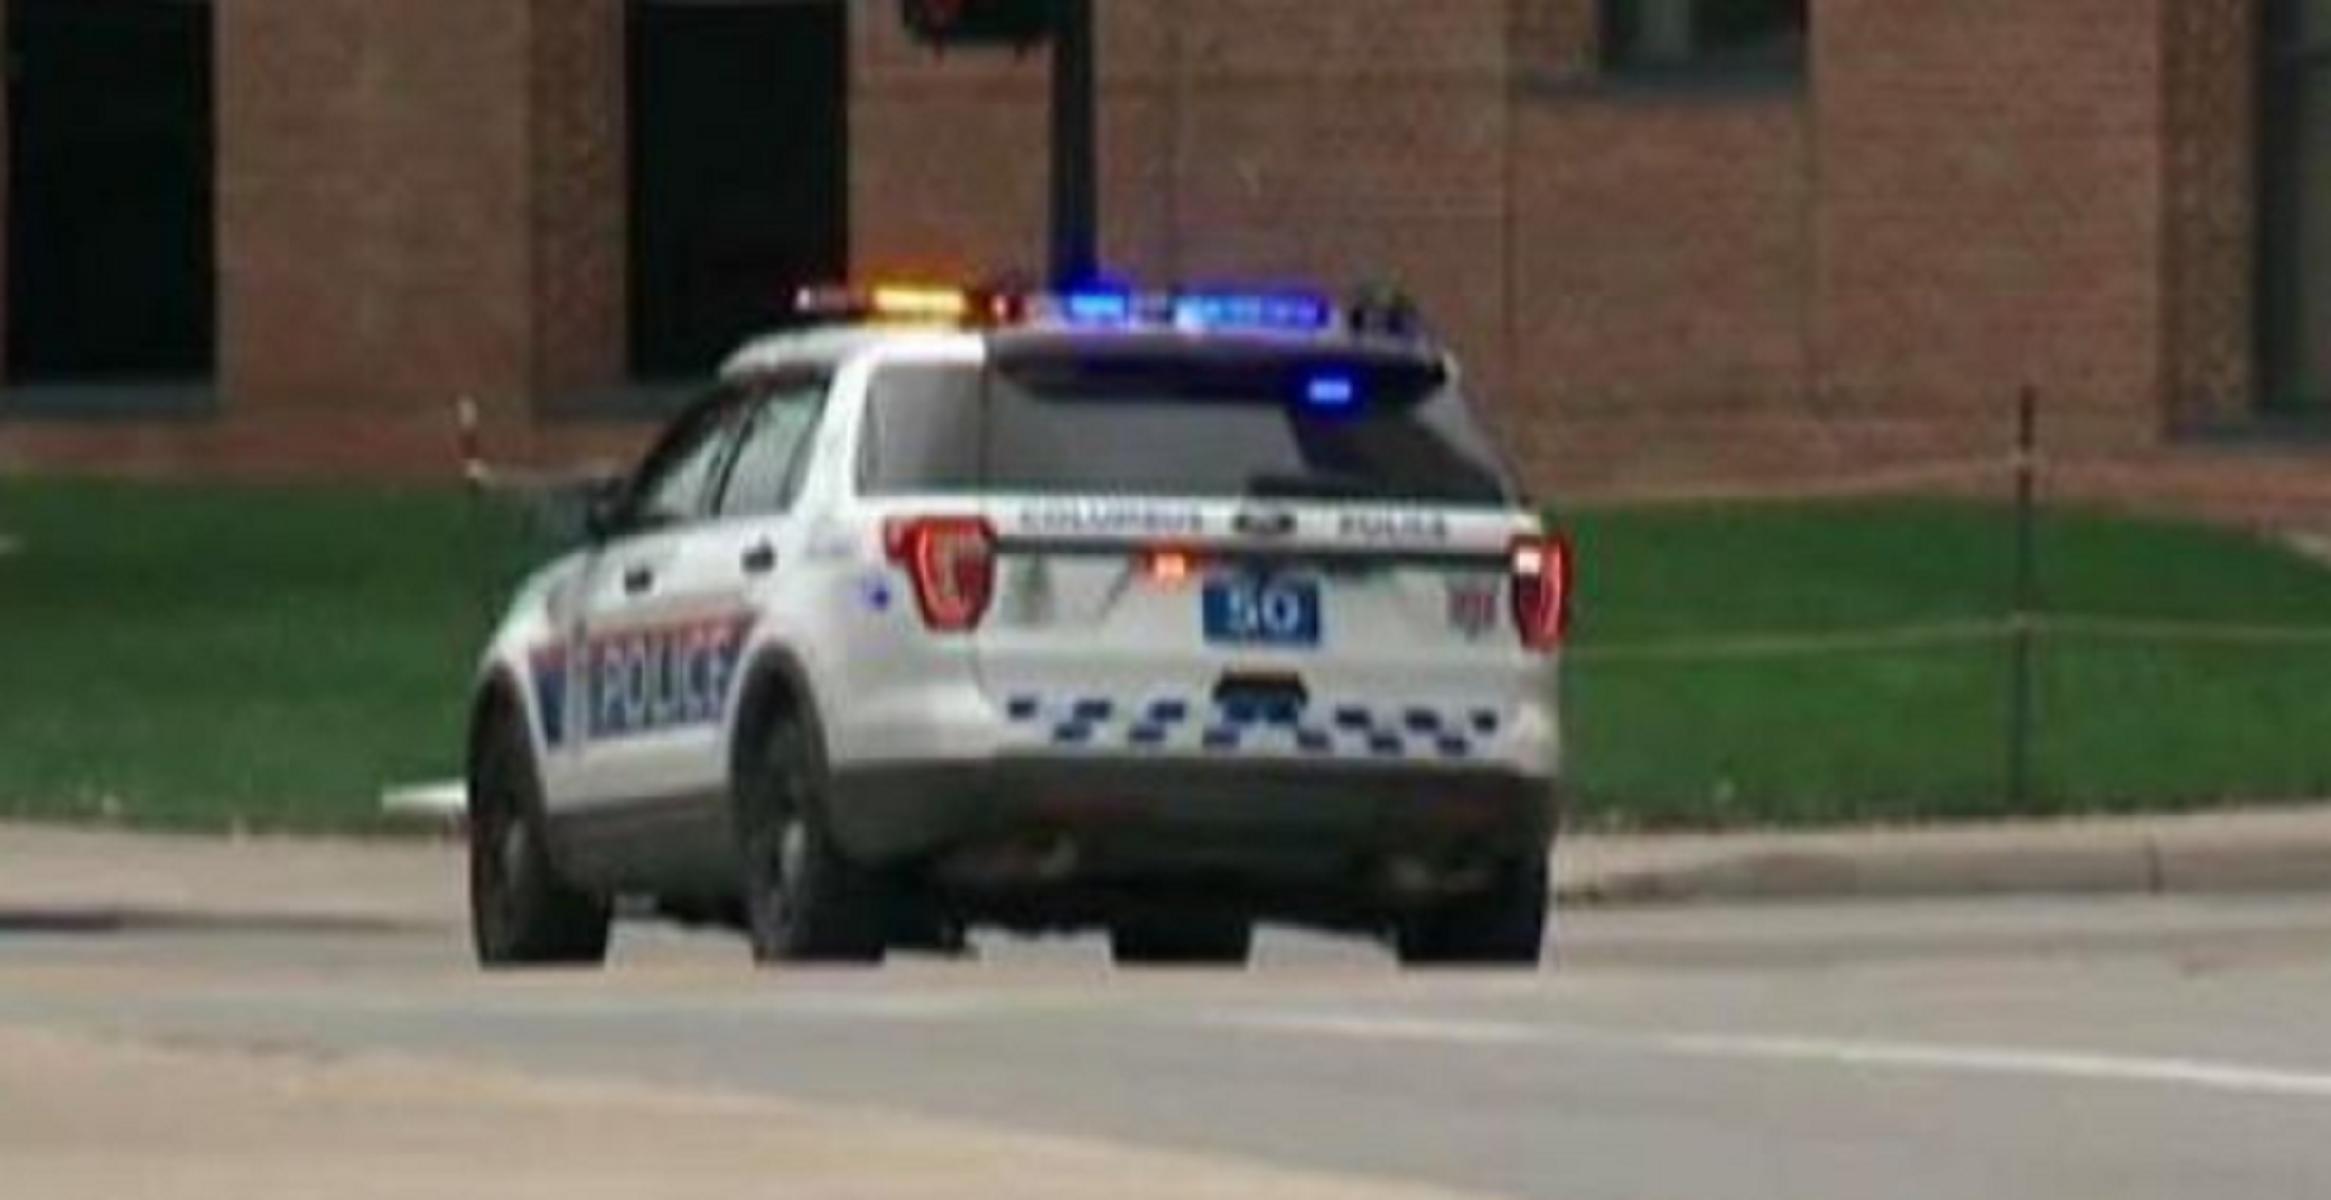 Tiroteo en Universidad Estatal de Ohio: policía recomienda a los estudiantes evitar áreas abiertas